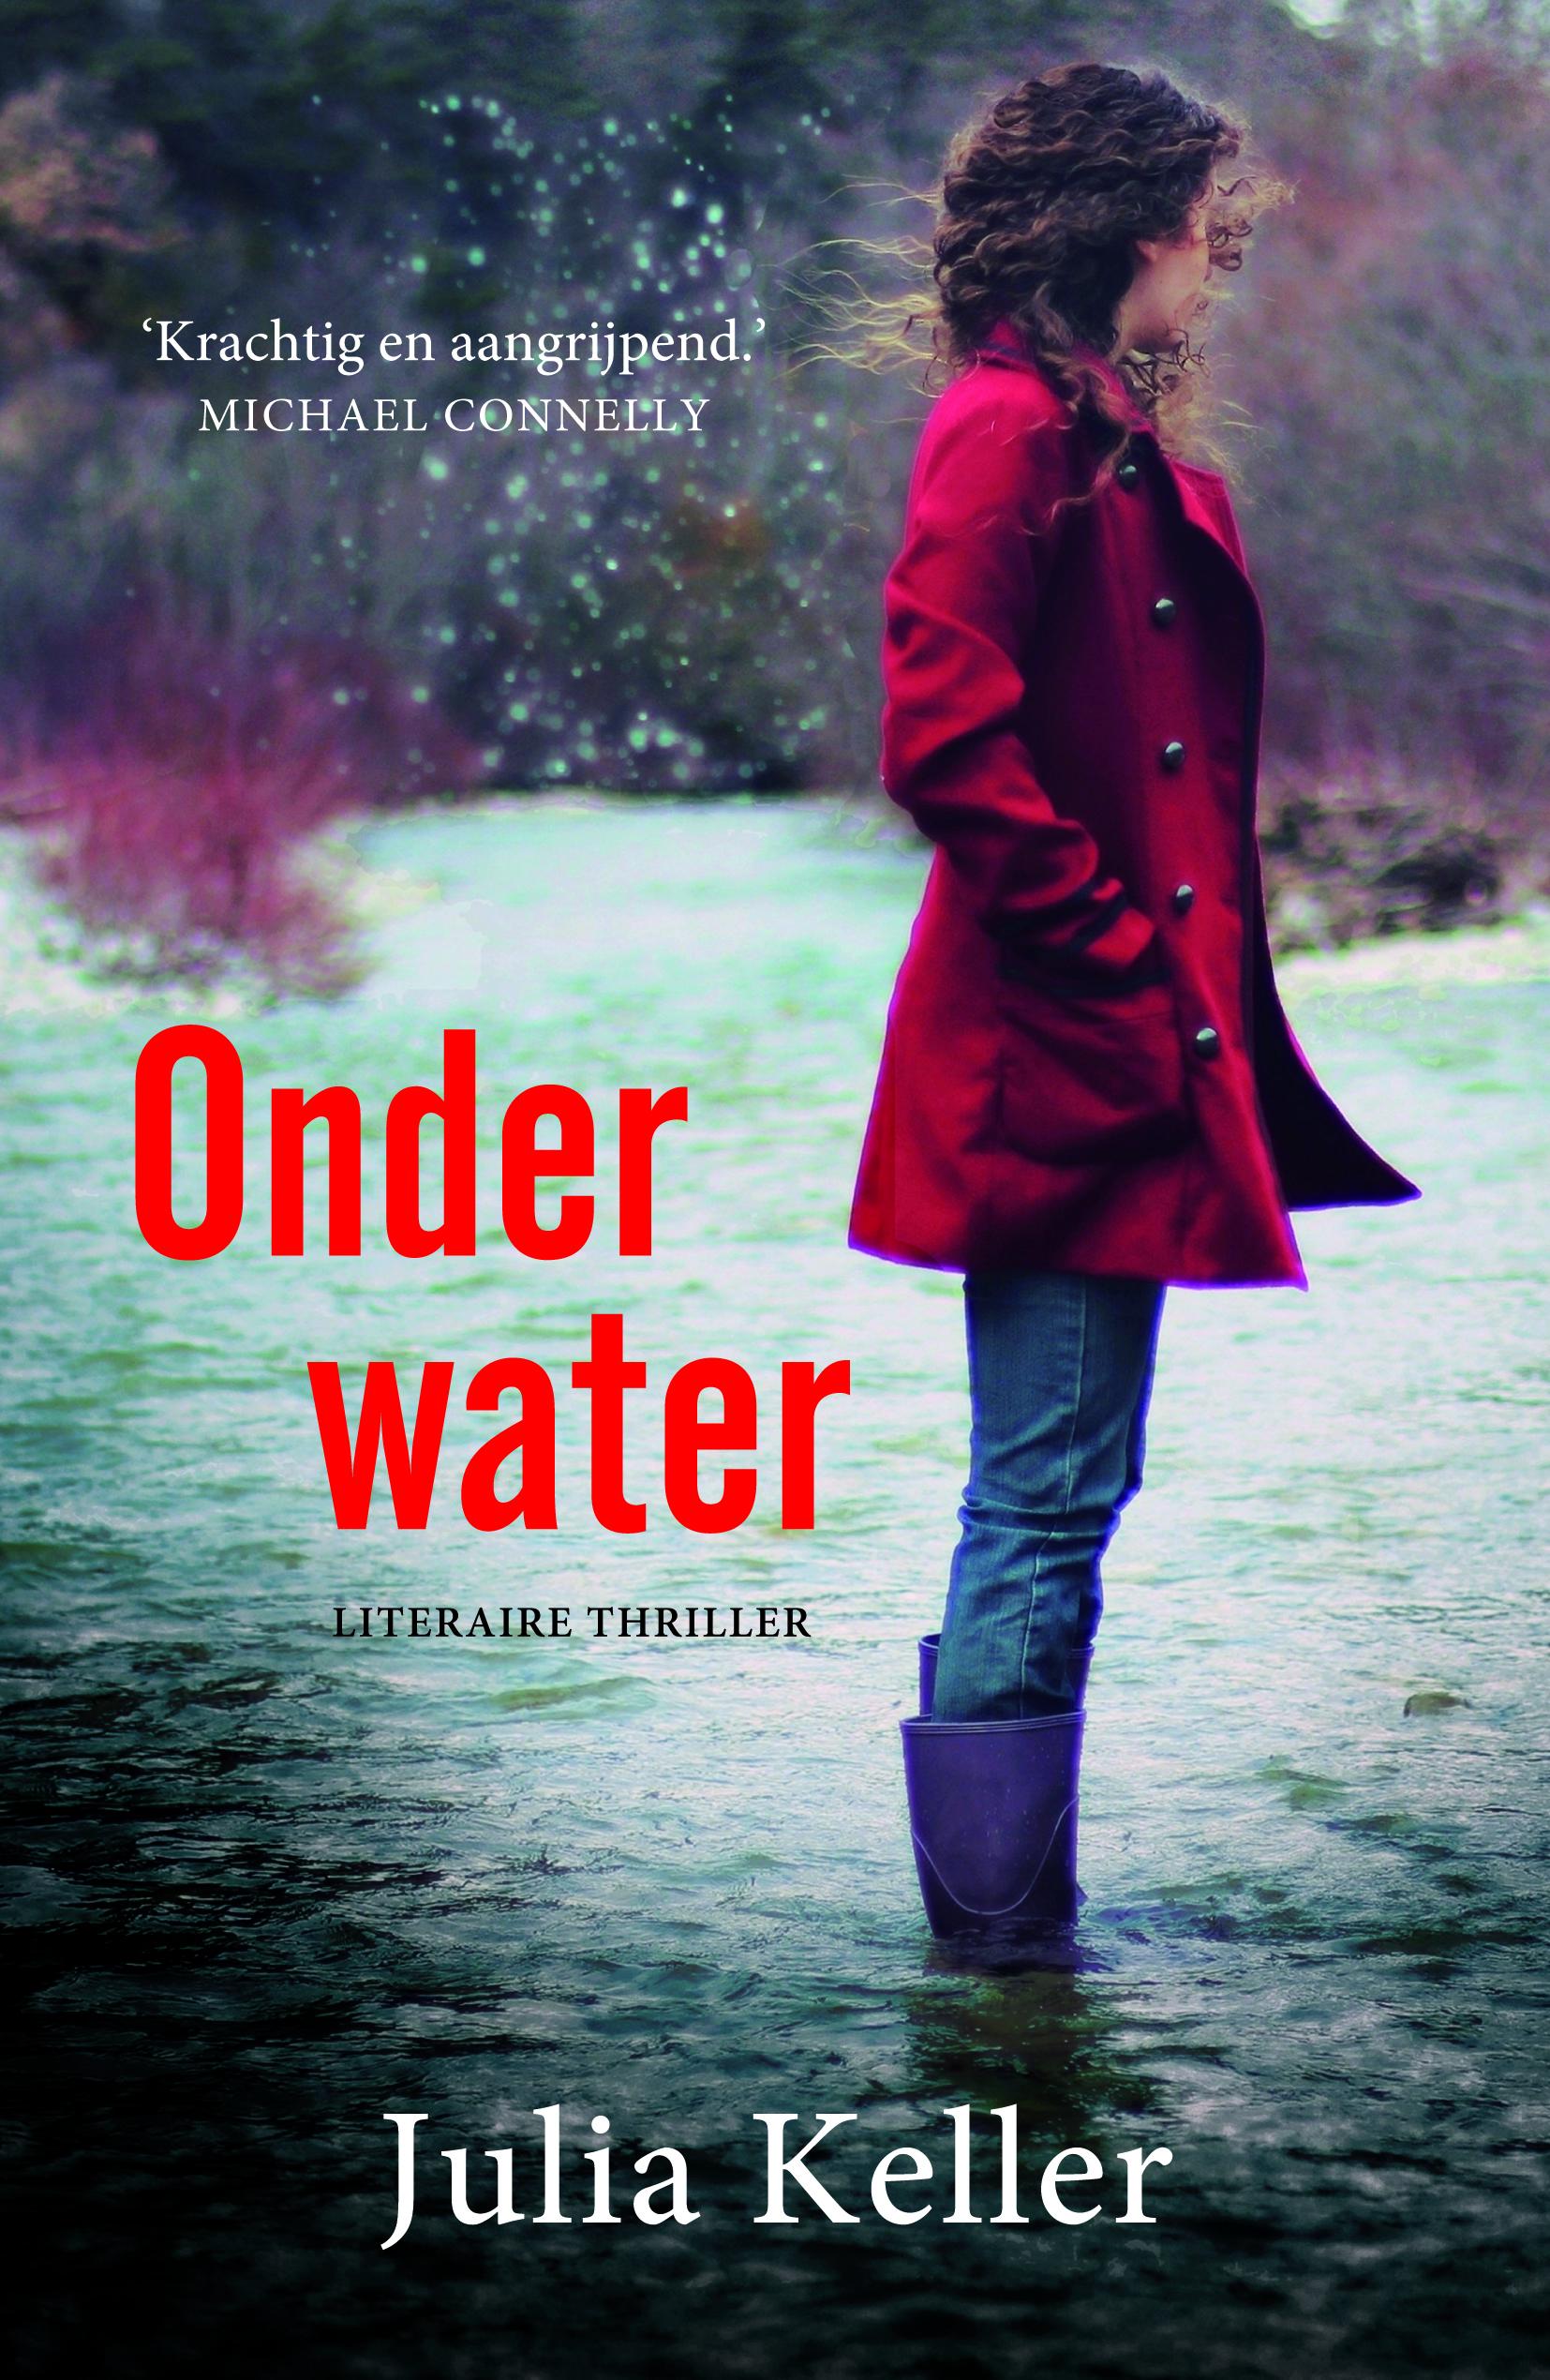 Onder water – Julia Keller